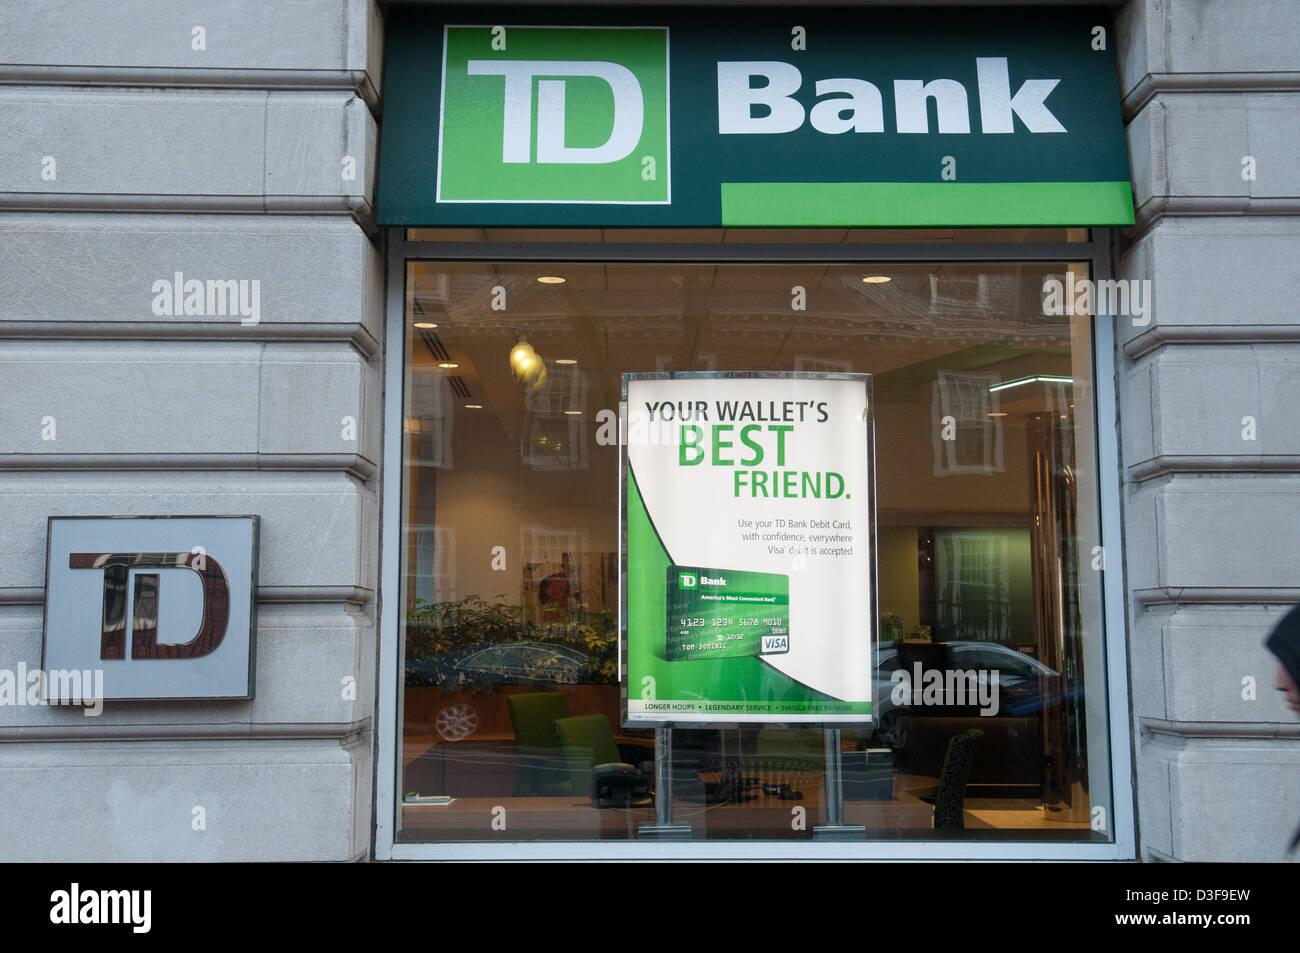 TD Bank Cambridge - Stock Image